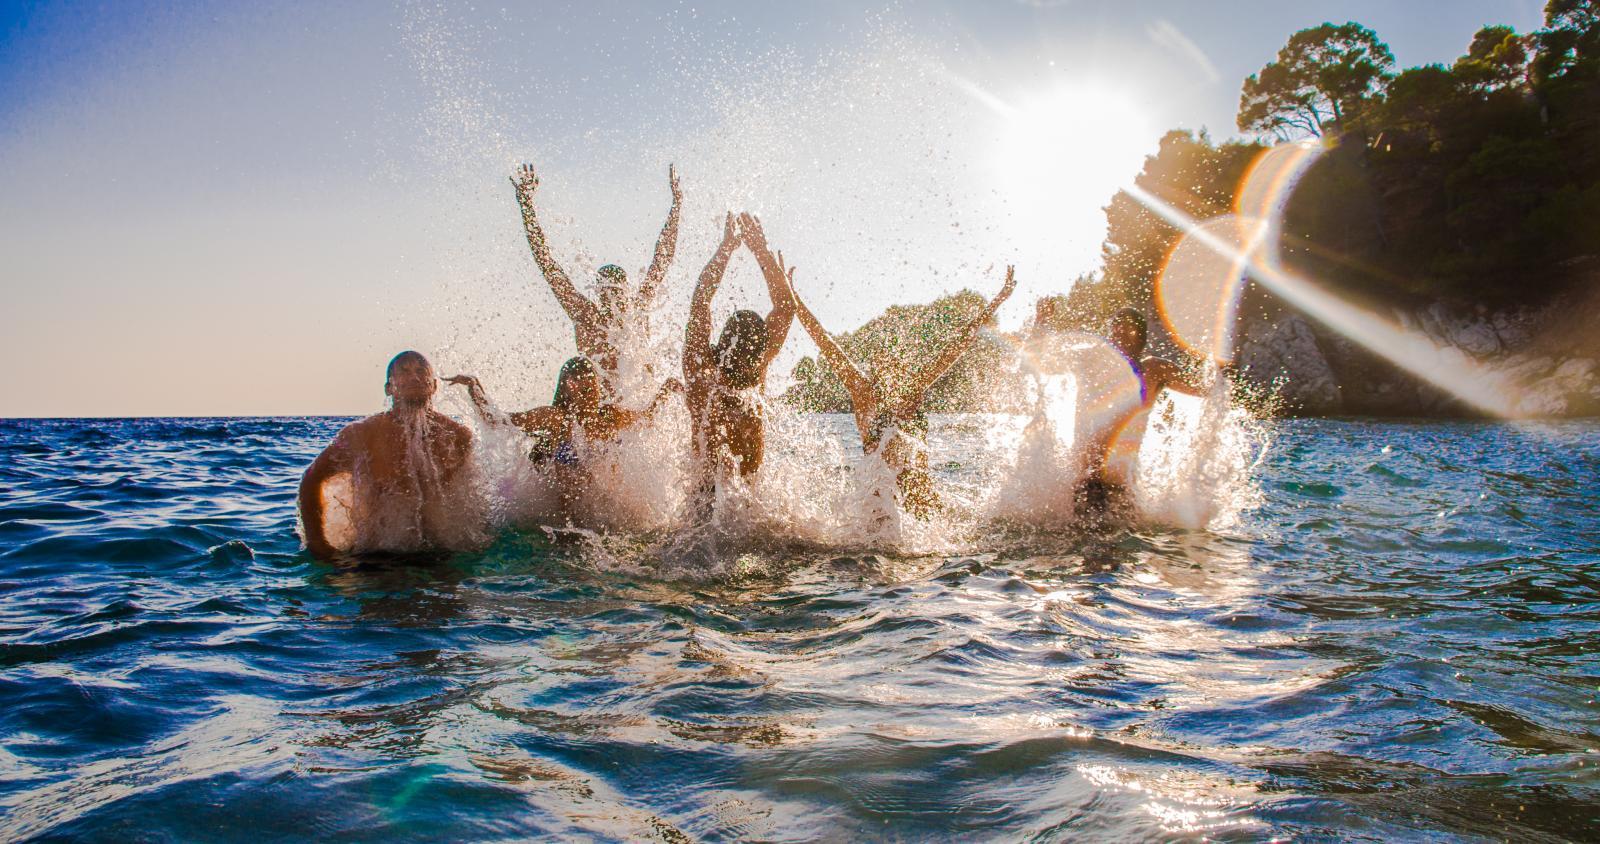 Plivanje, skakanje, loptanje u plićaku... U moru bismo mogli biti satima. Ali nakon kupanja mnogima se dogodi da voda ostane u uhu, zbog čega slabi sluh i povećava se rizik od infekcije.